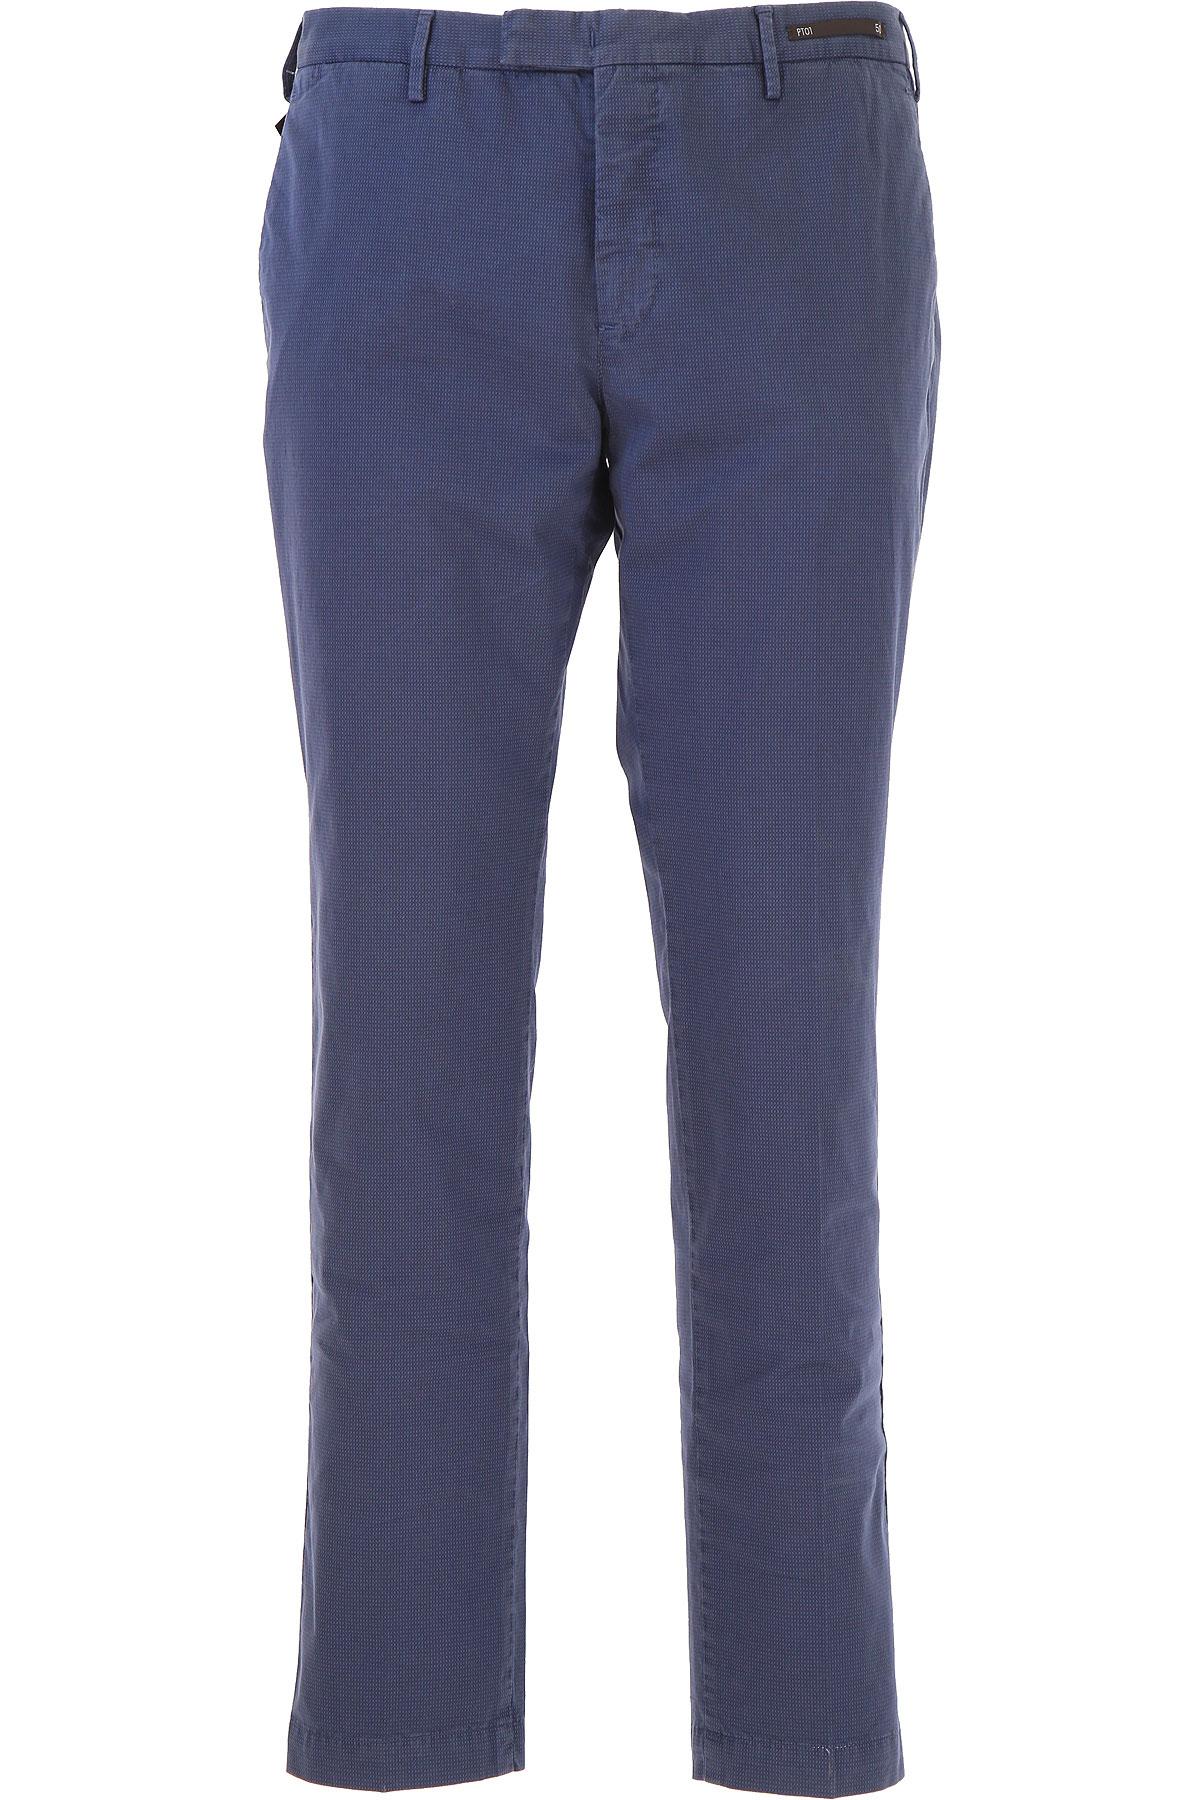 PT01 Pantalon Homme Pas cher en Soldes, Bleu marine, Coton, 2019, 48 50 54